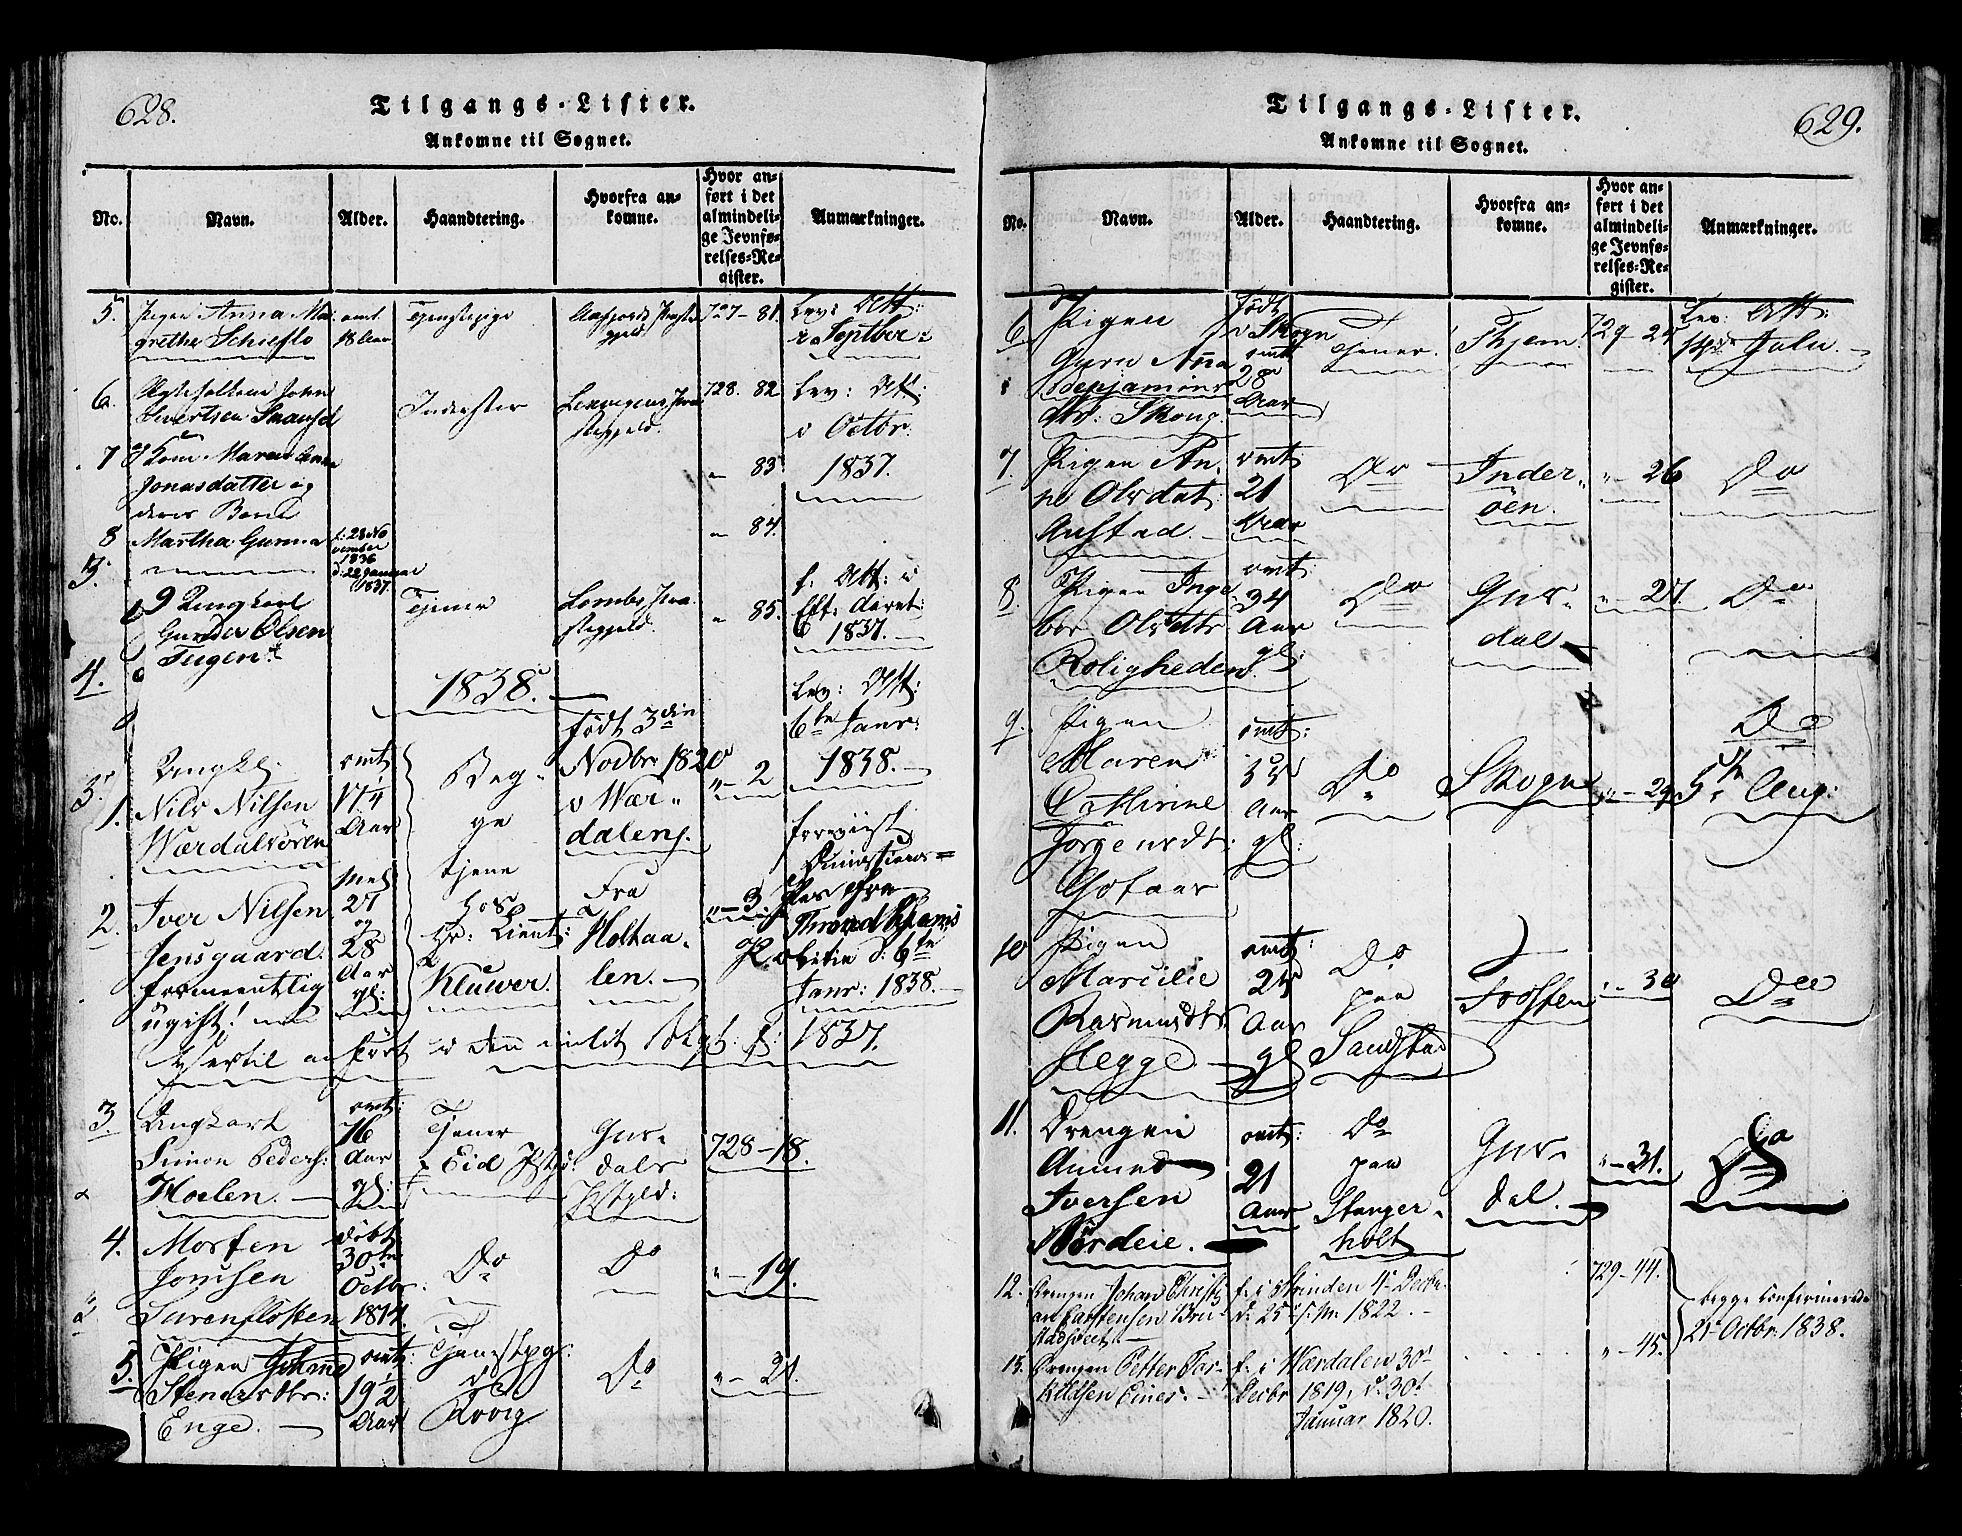 SAT, Ministerialprotokoller, klokkerbøker og fødselsregistre - Nord-Trøndelag, 722/L0217: Ministerialbok nr. 722A04, 1817-1842, s. 628-629